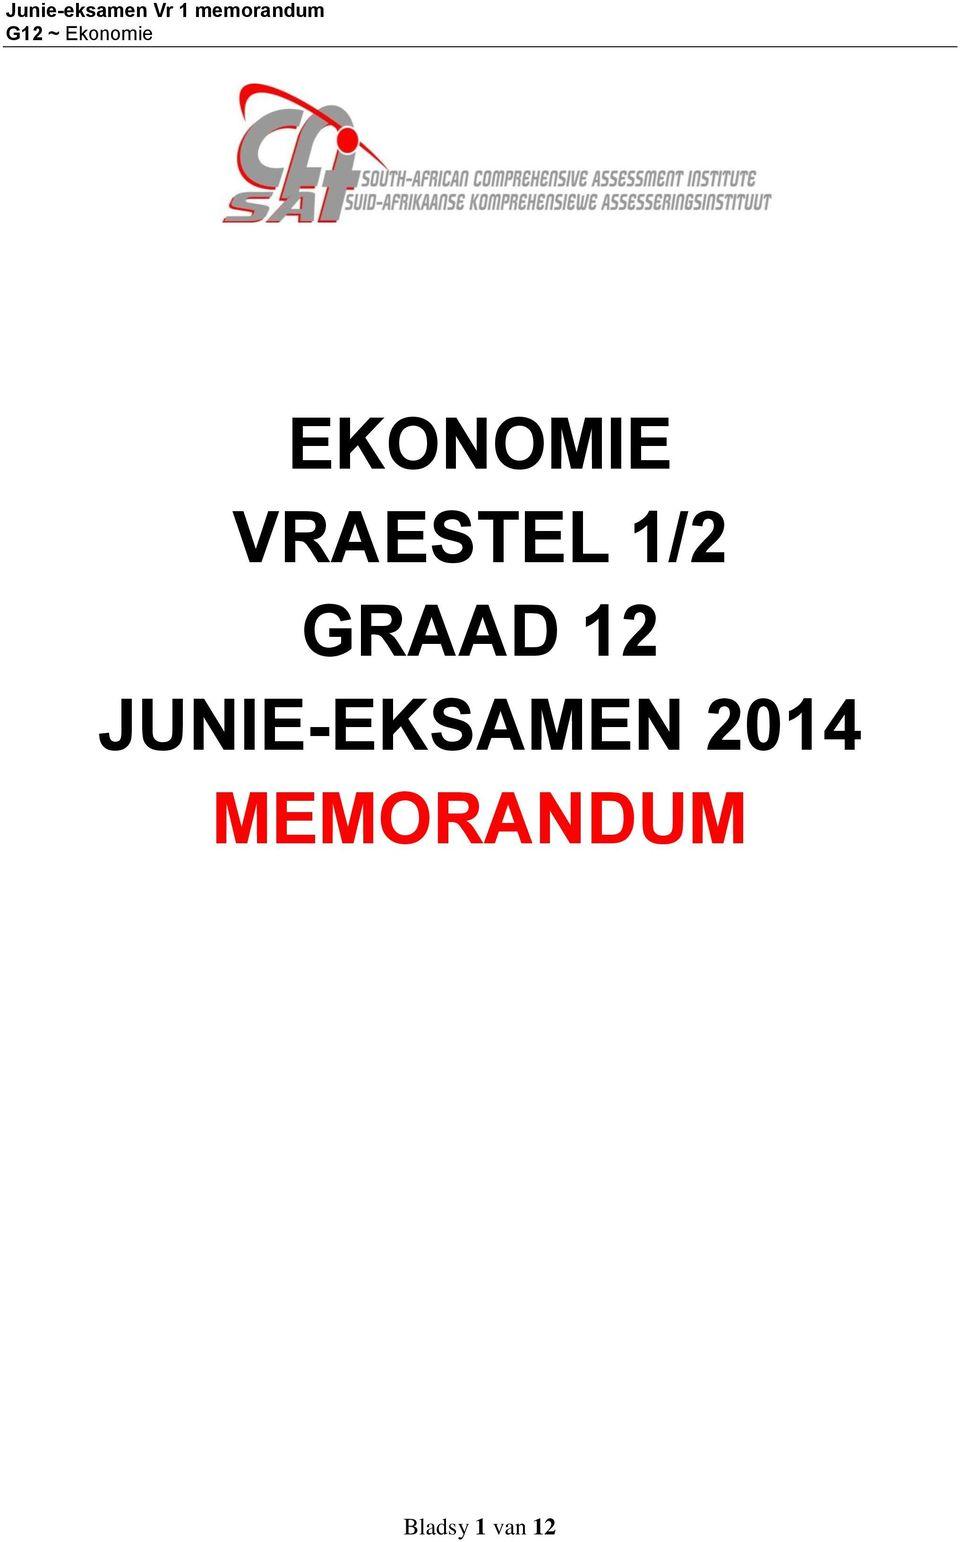 EKONOMIE VRAESTEL 1/2 GRAAD 12 JUNIE-EKSAMEN 2014